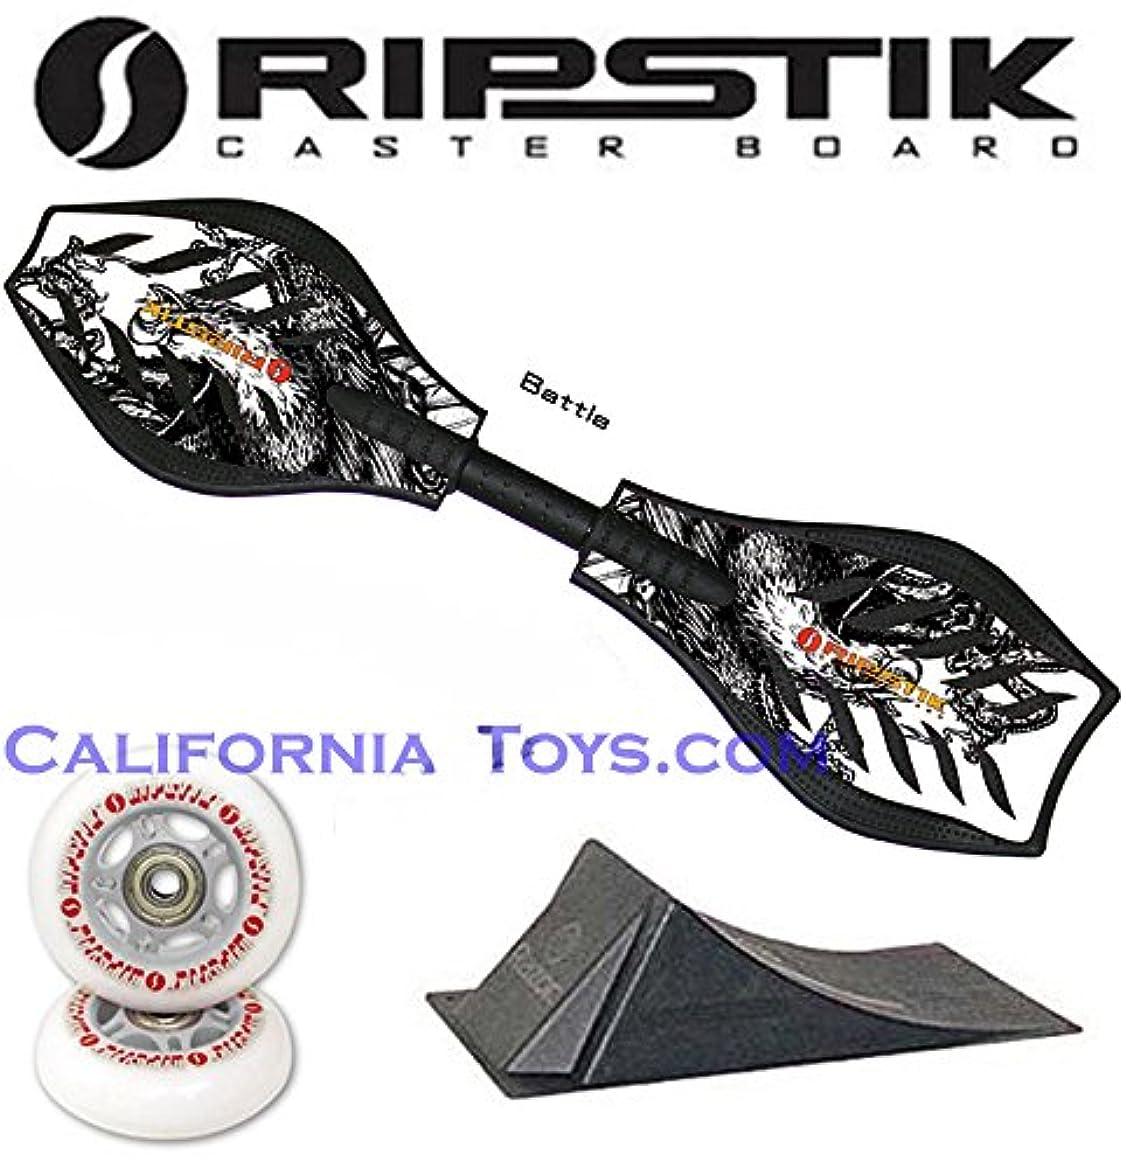 縮れた小道パーチナシティRazor Ripstik 限定版 バトルキャスターボード スケートボード パンクスロープとグレーホイールの追加セット